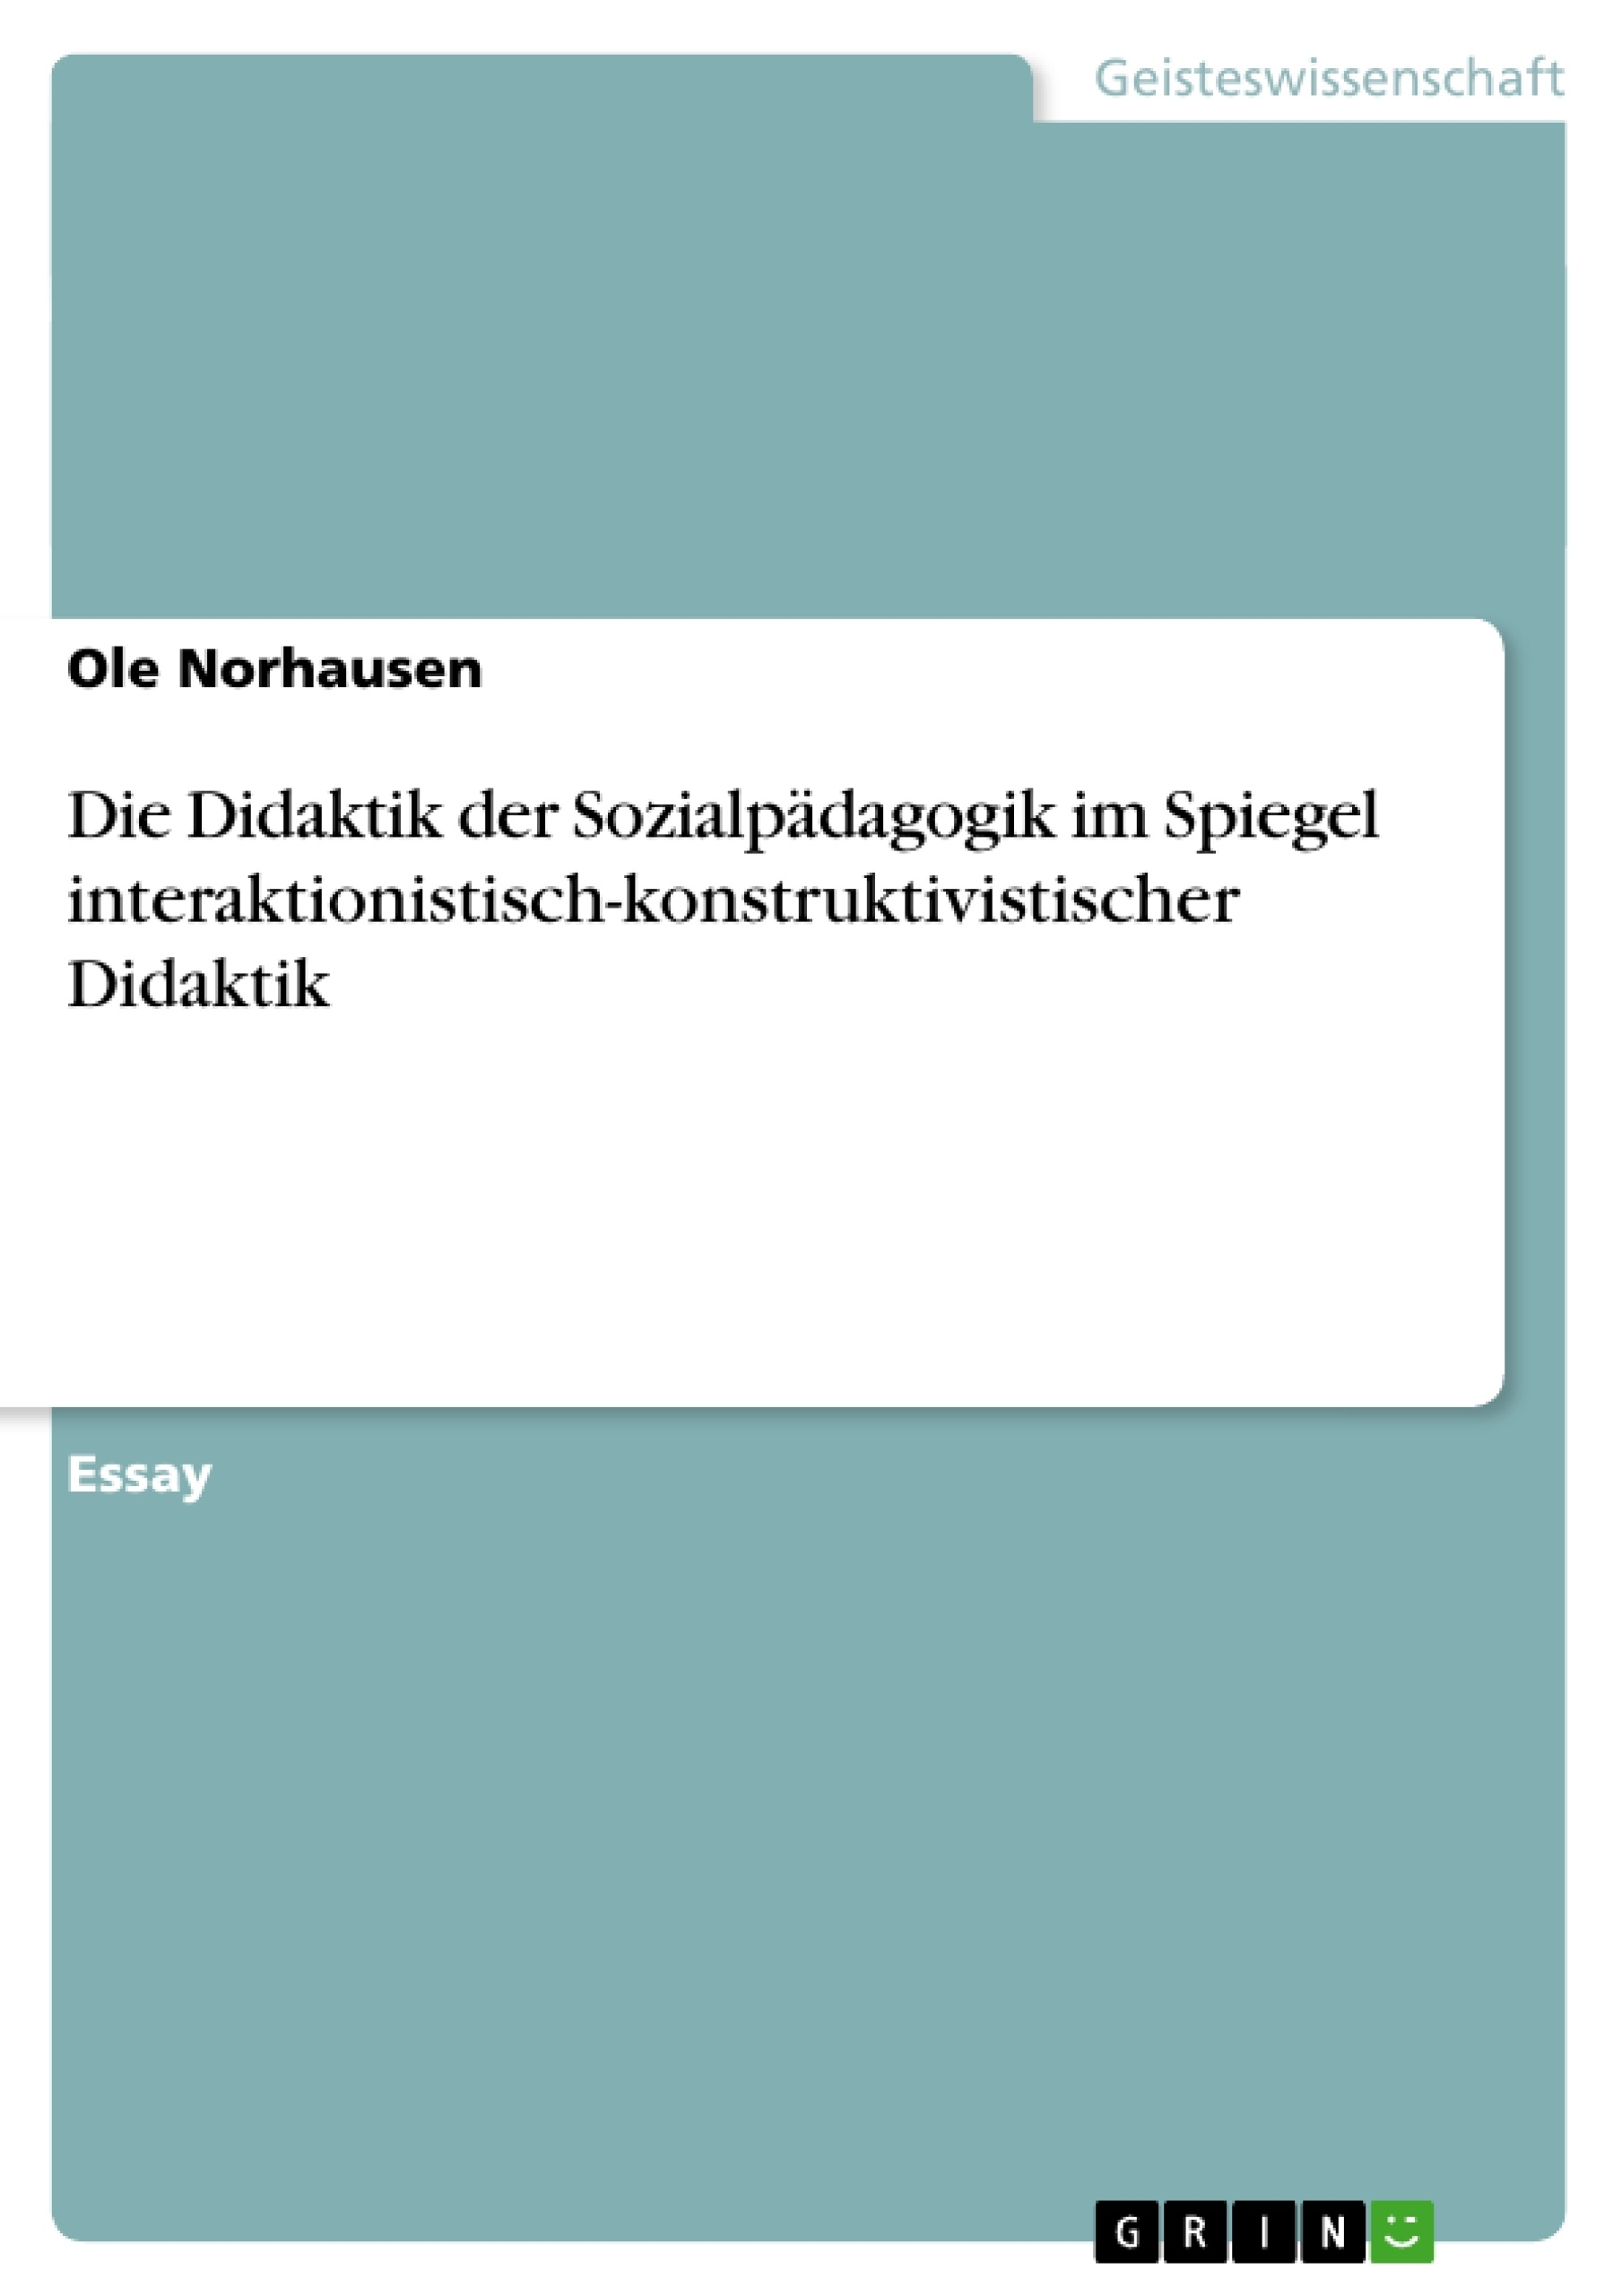 Titel: Die Didaktik der Sozialpädagogik im Spiegel interaktionistisch-konstruktivistischer Didaktik